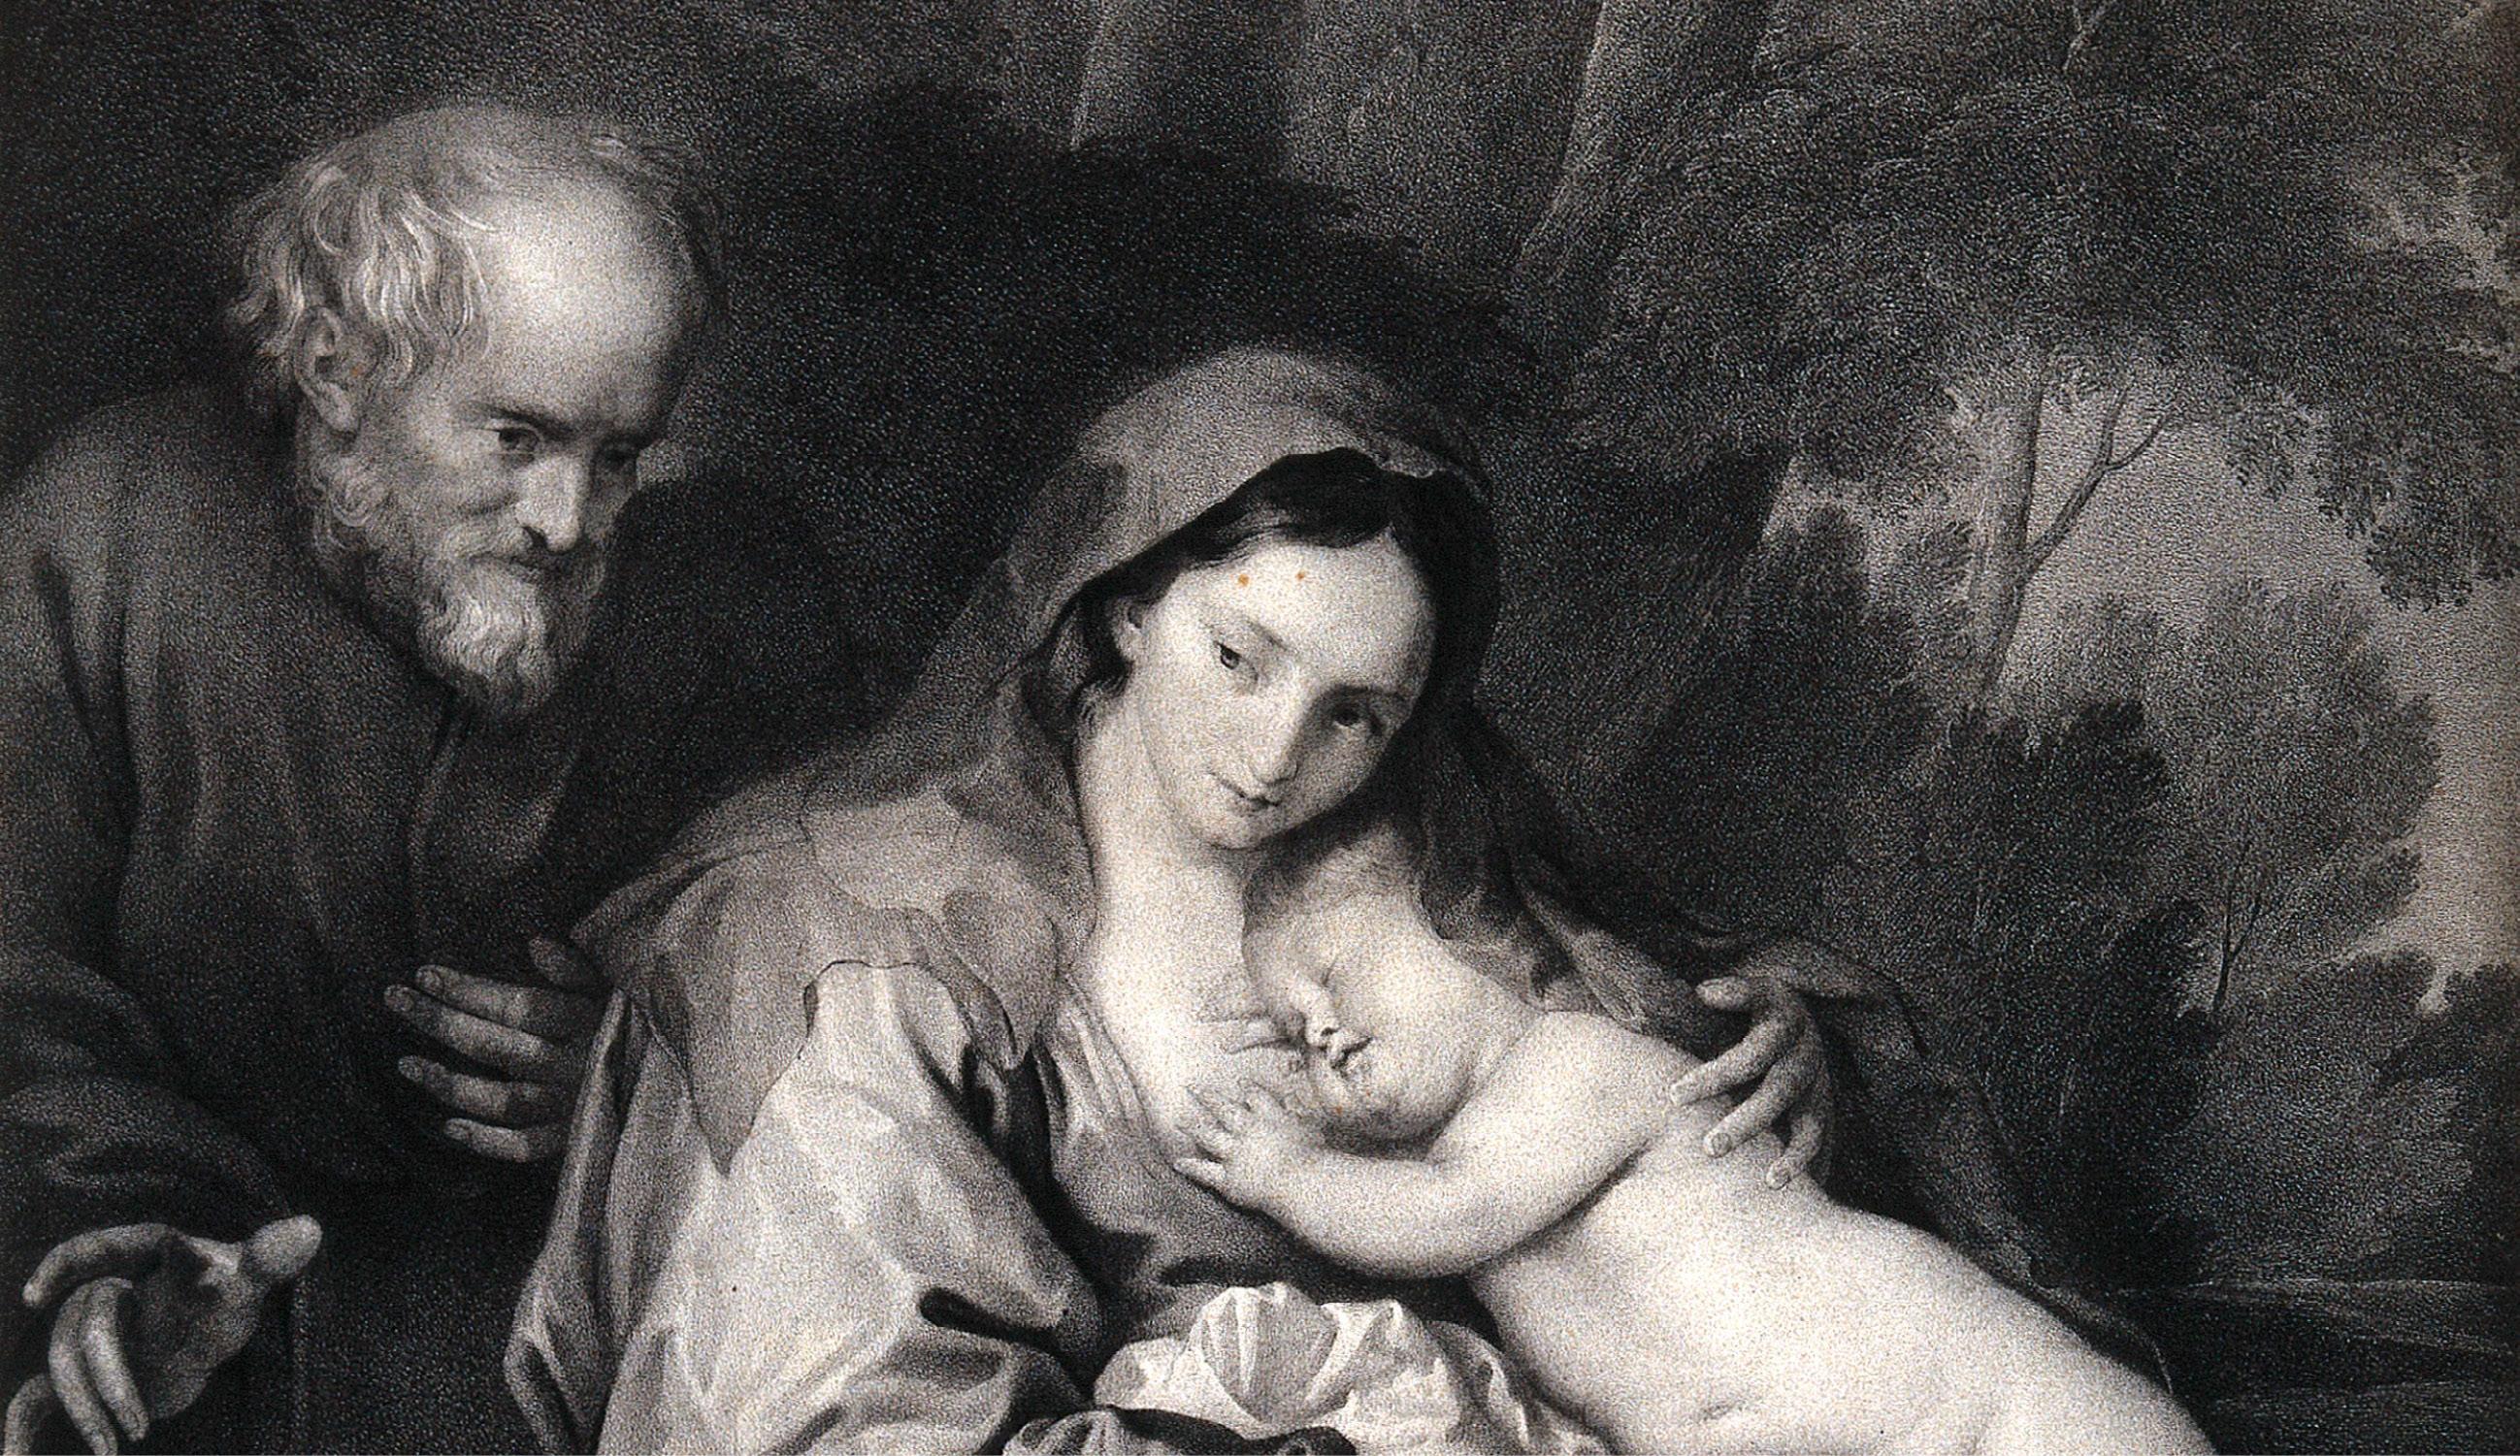 São José esposo de Maria. Litografia de F. Piloty segundo Sir A. van Dyck. Wellcome Library, London | Commons.wikimedia.org.